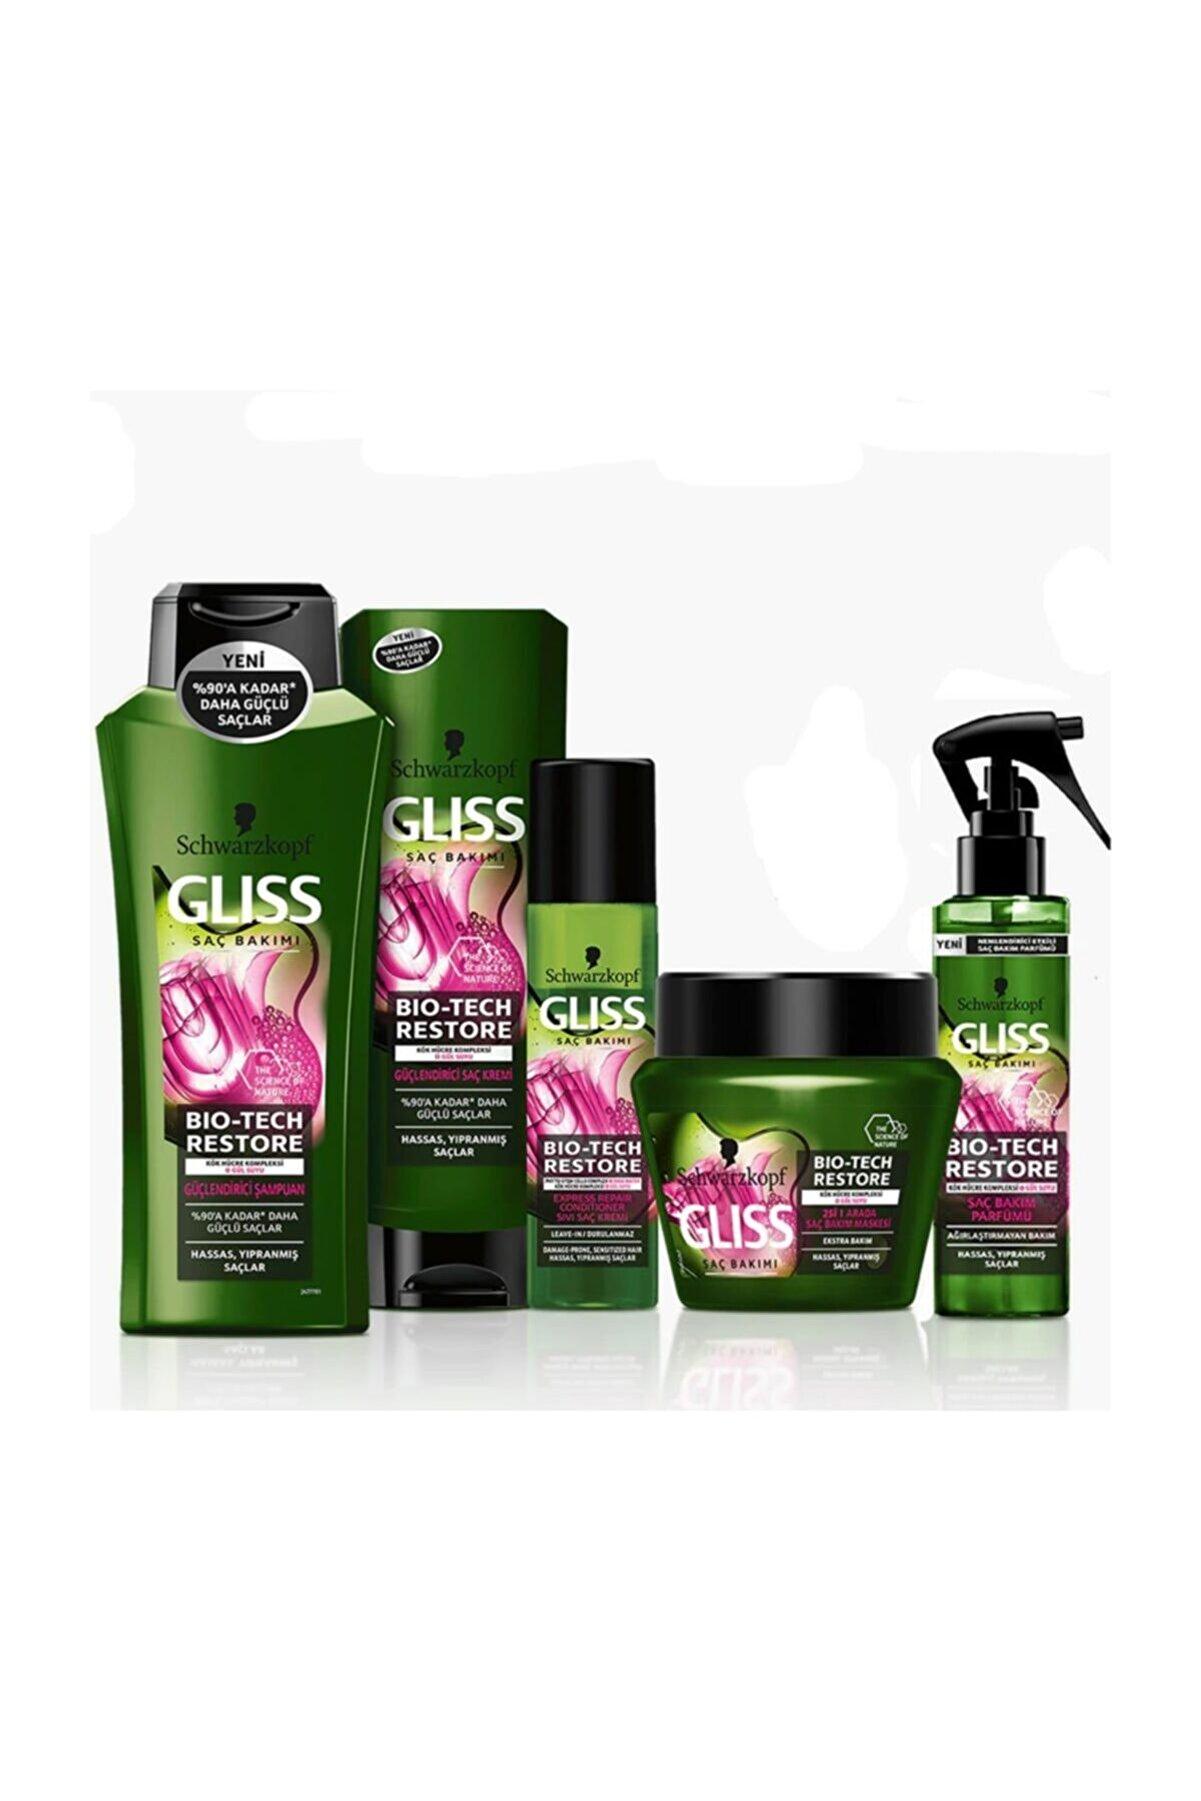 Gliss Bio-tech Restore Güçlendirici Onarıcı Saç Bakım Seti 5'li